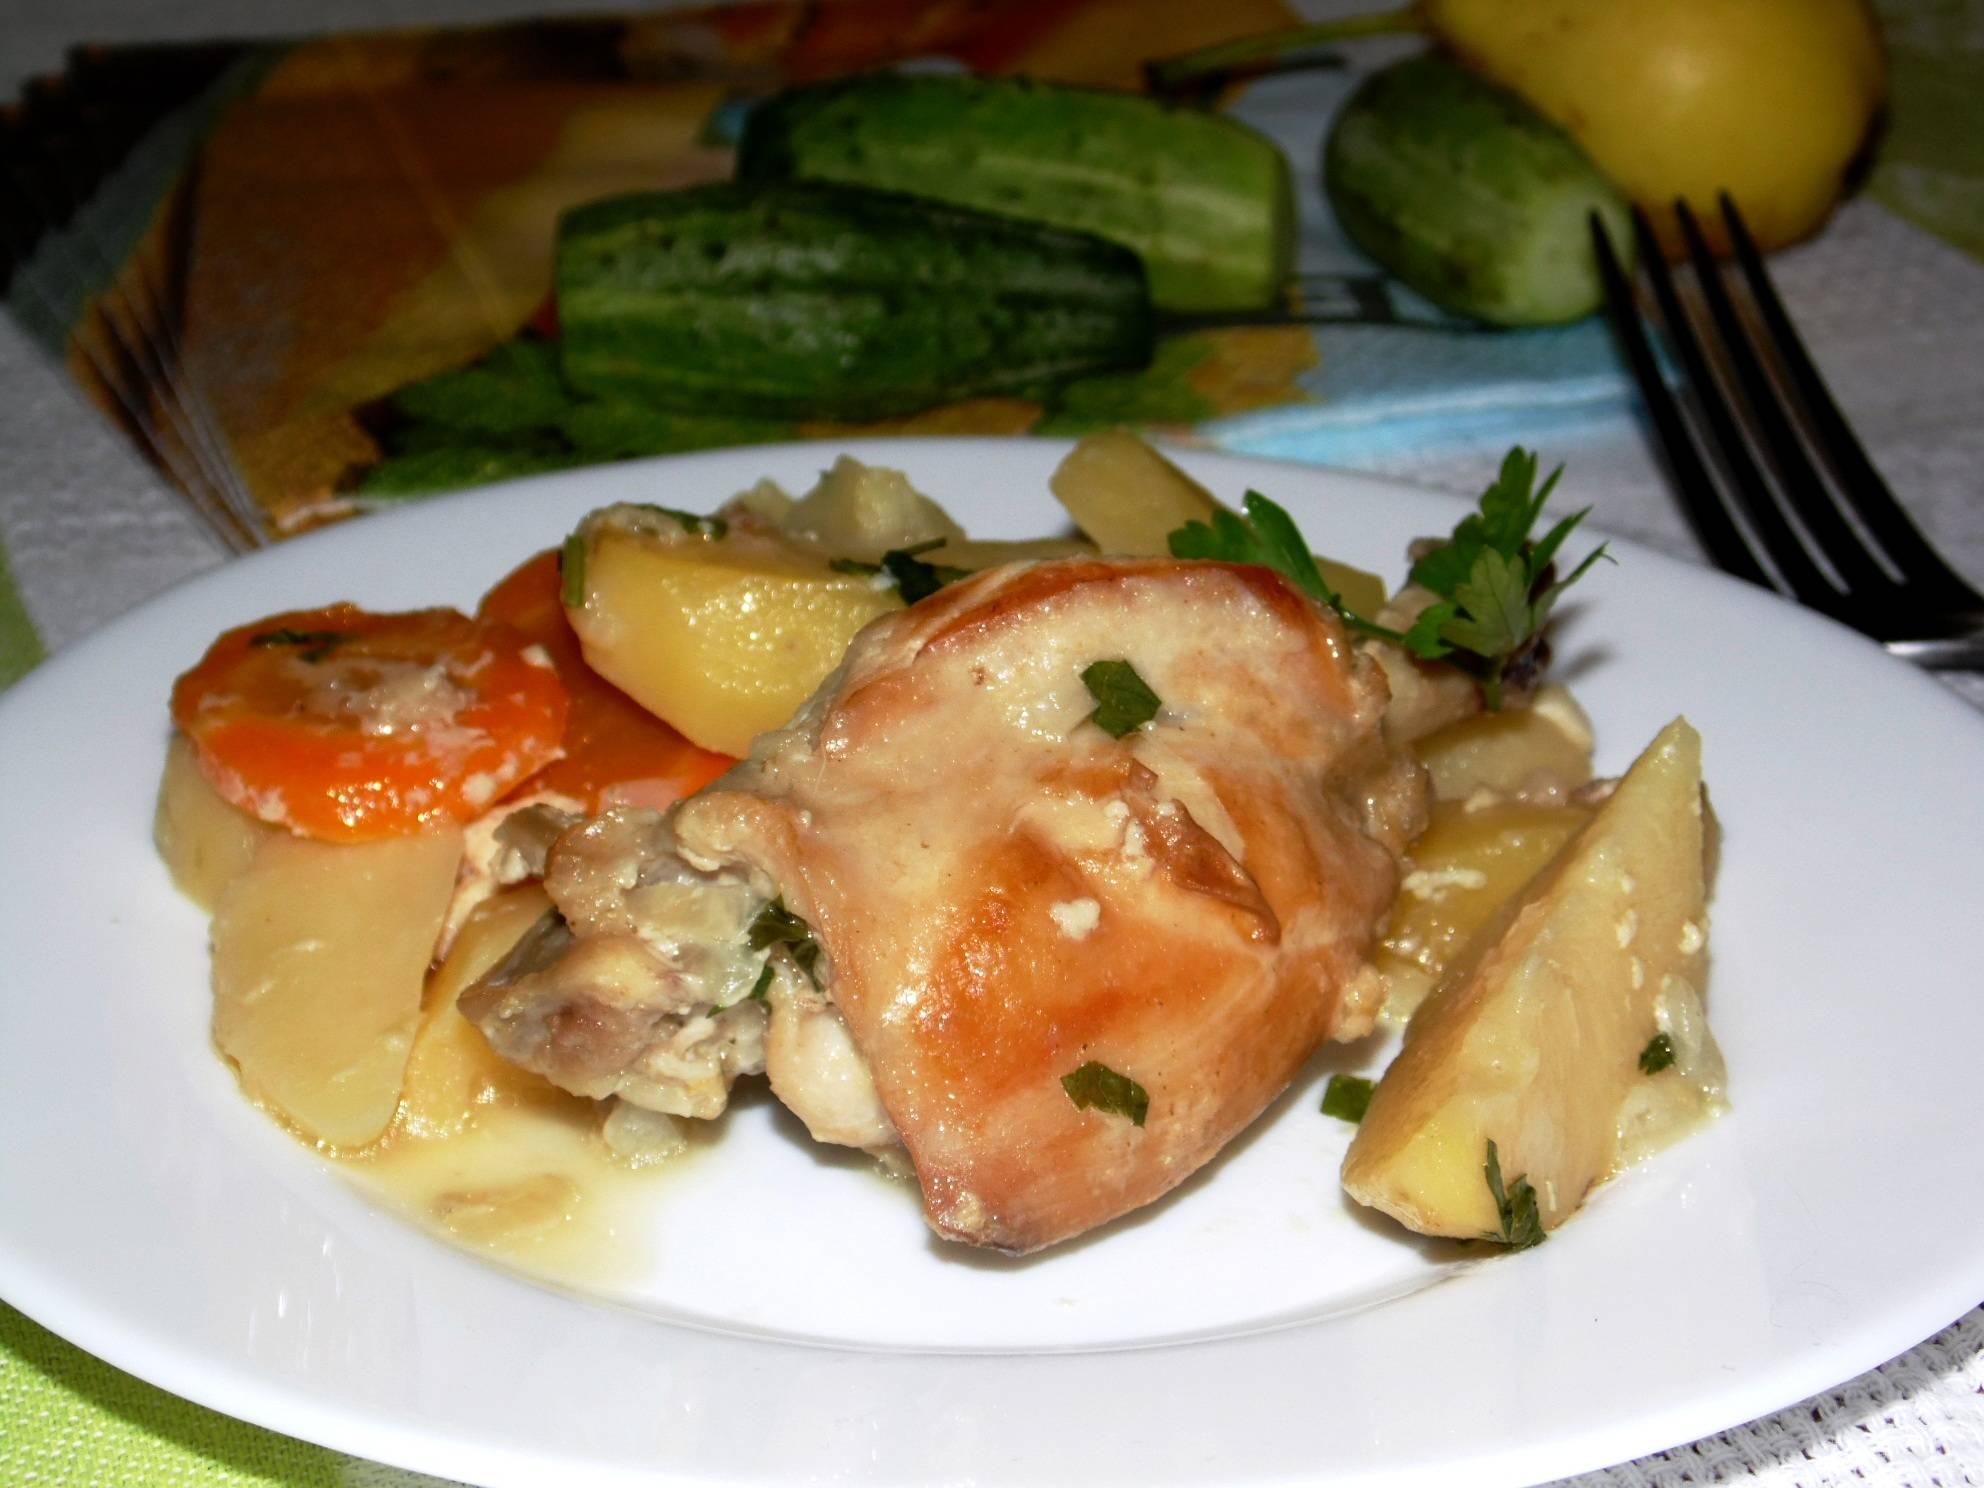 Кролик в мультиварке - рецепт с картошкой, овощами и черносливом. как приготовить тушеного кролика в сметане, в сливках и на пару в мультиварке?